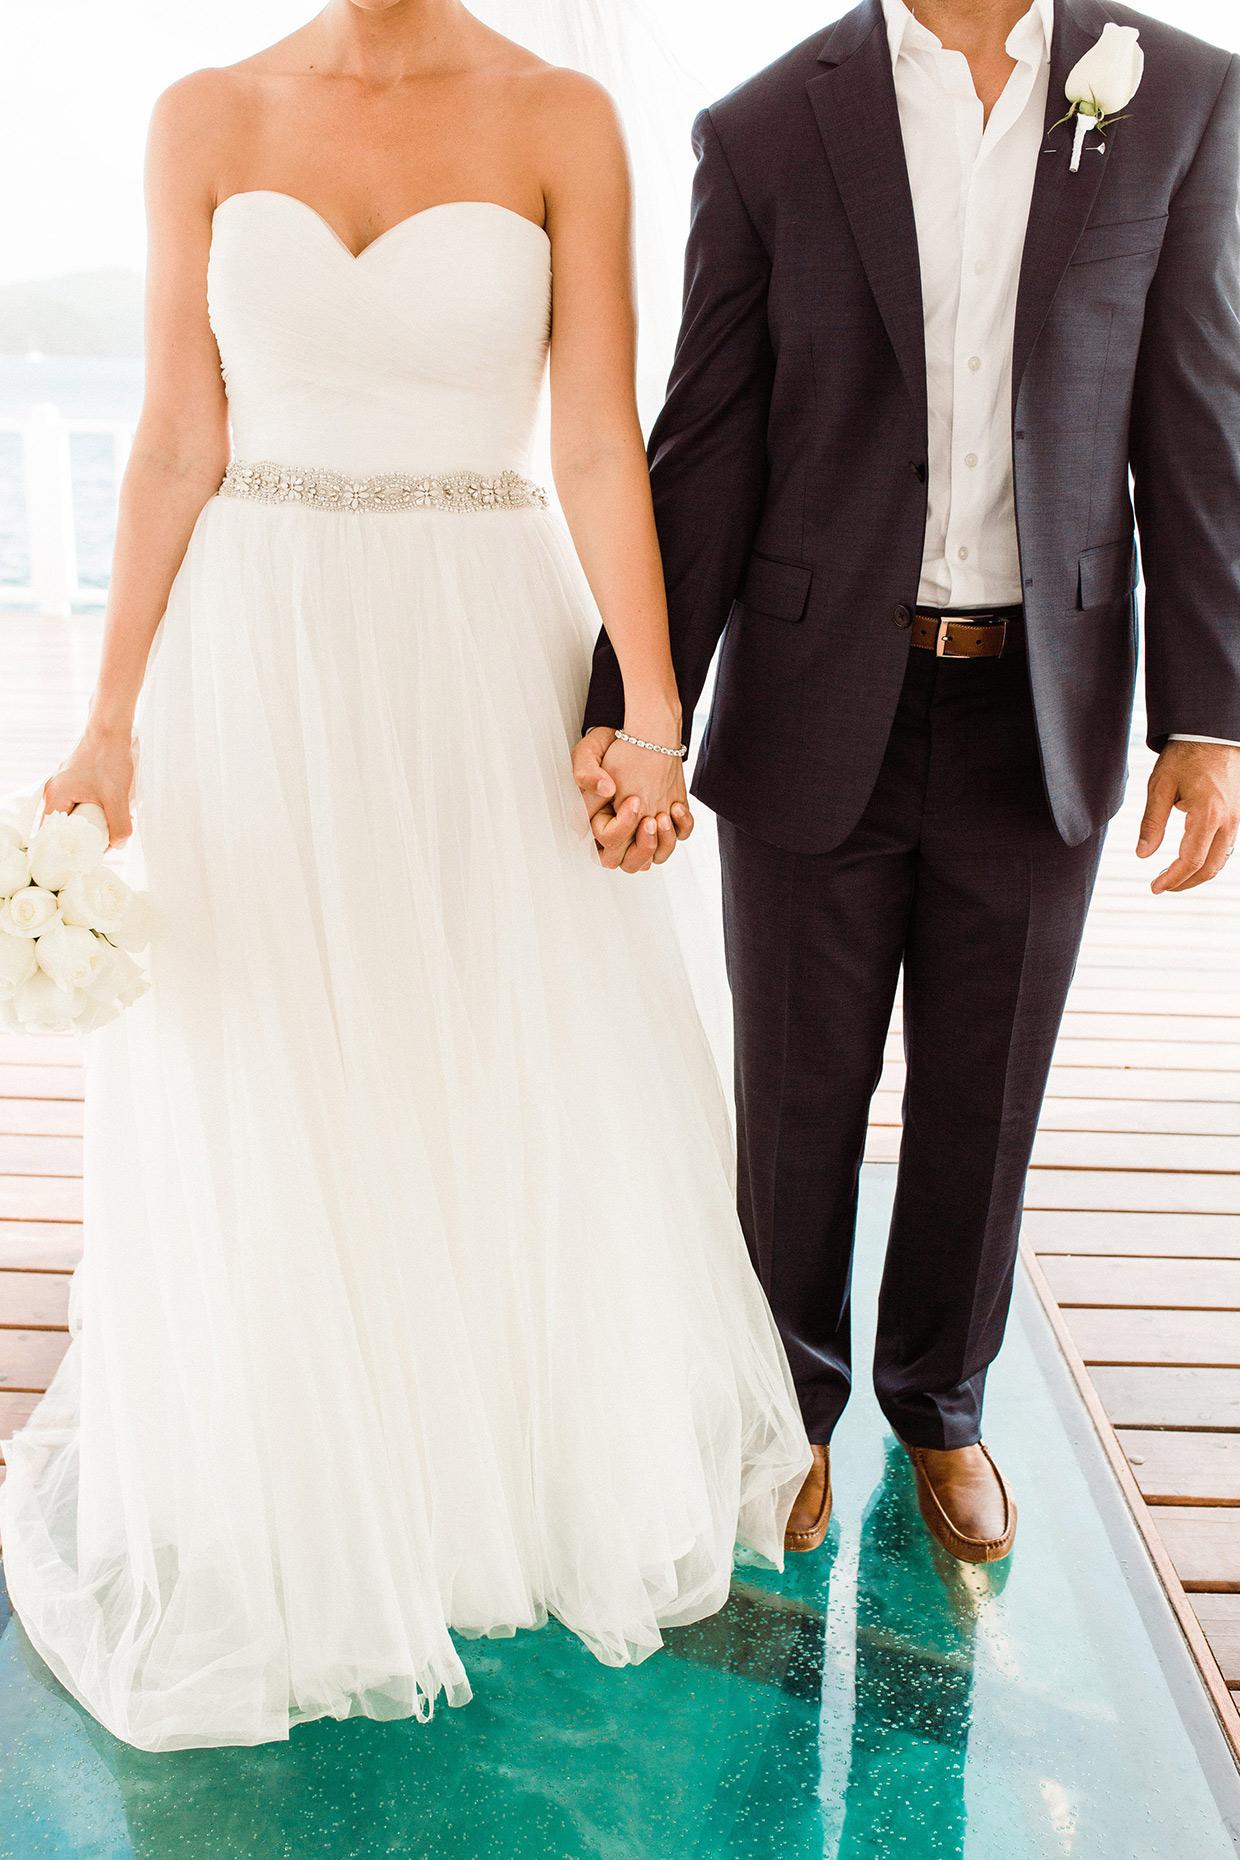 Sandals Wedding Blog The Very Best In Destination Wedding Inspriation